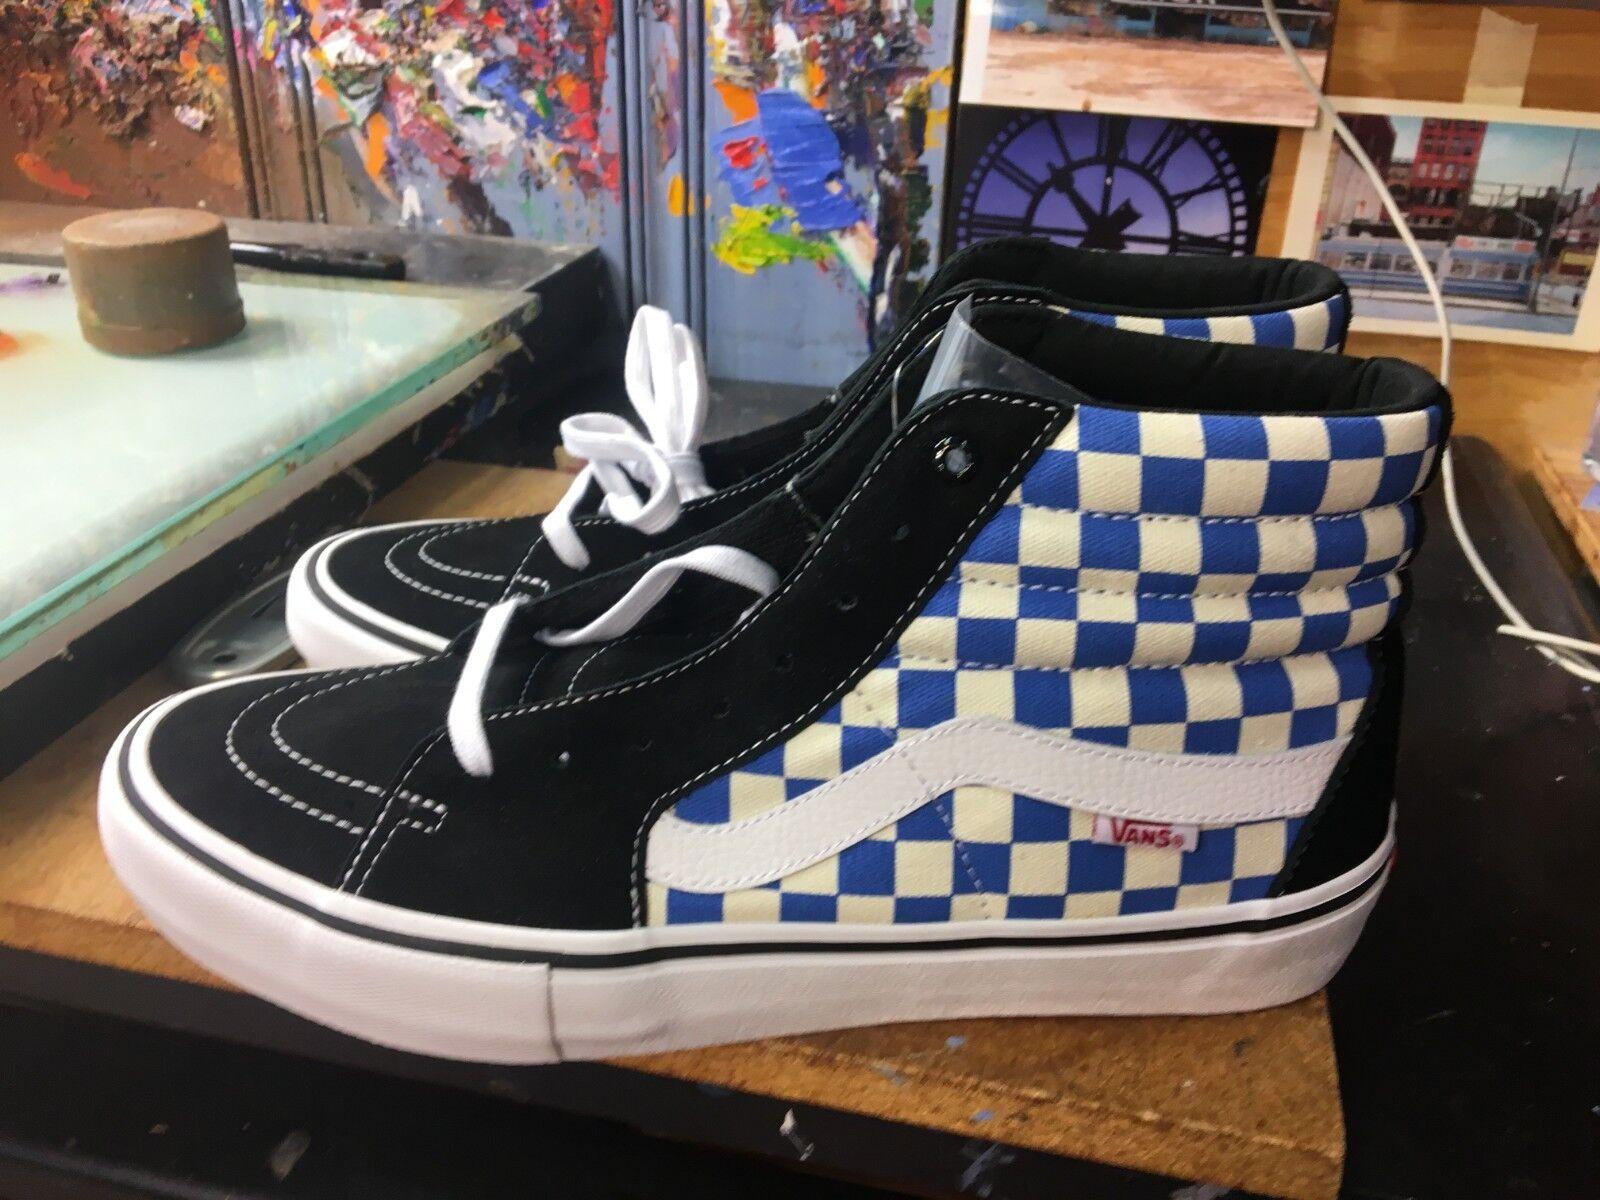 Vans SK8-Hi PRO (Checkerboard) Black/Victoria Blue Size US 12 Men's VN0A347TQ1L